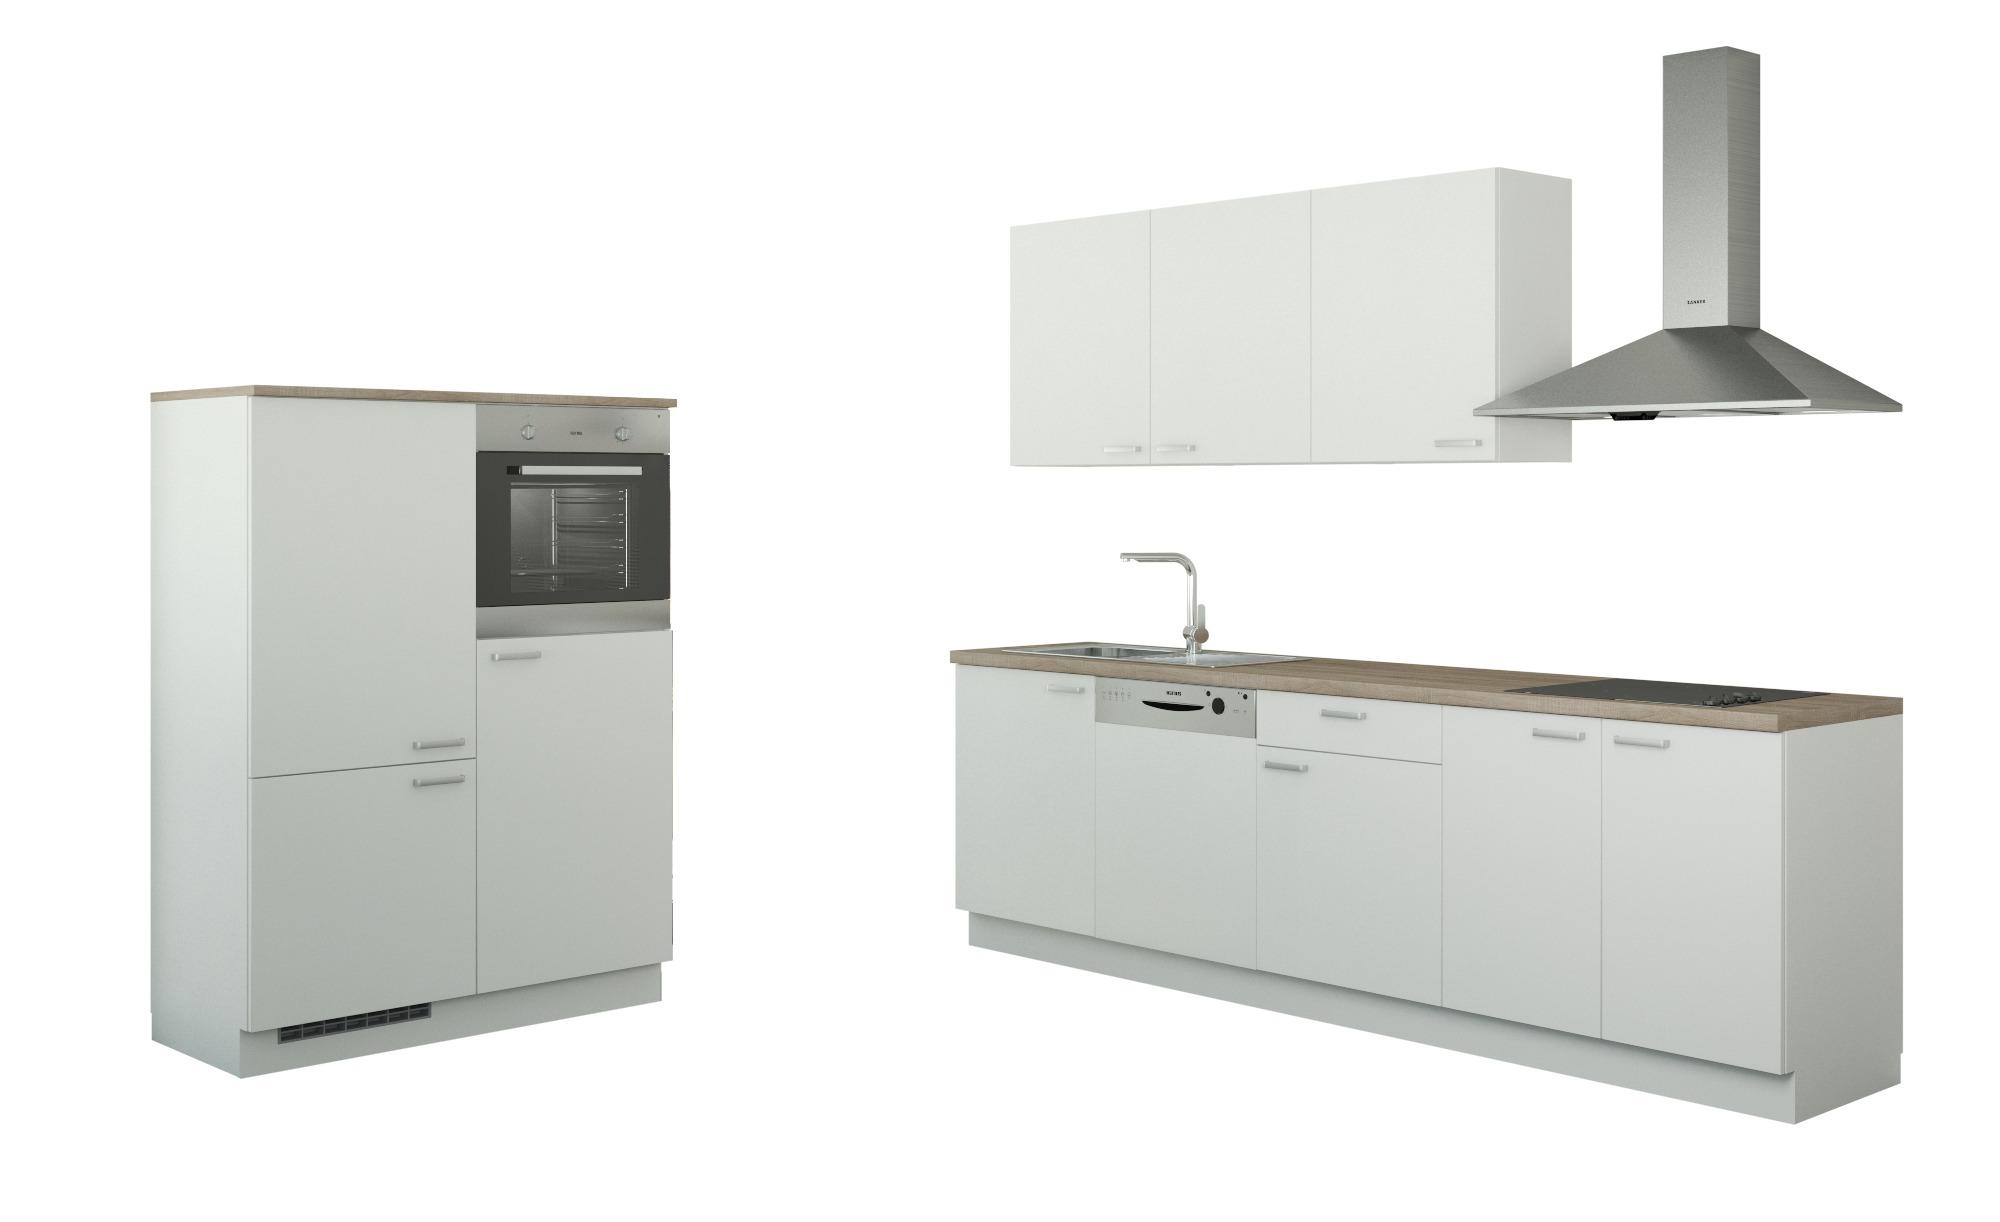 Küchenzeile mit Elektrogeräten  Cottbus ¦ weiß Küchen > Küchenblöcke mit E-Geräten - Höffner   Küche und Esszimmer > Küchen   Möbel Höffner DE